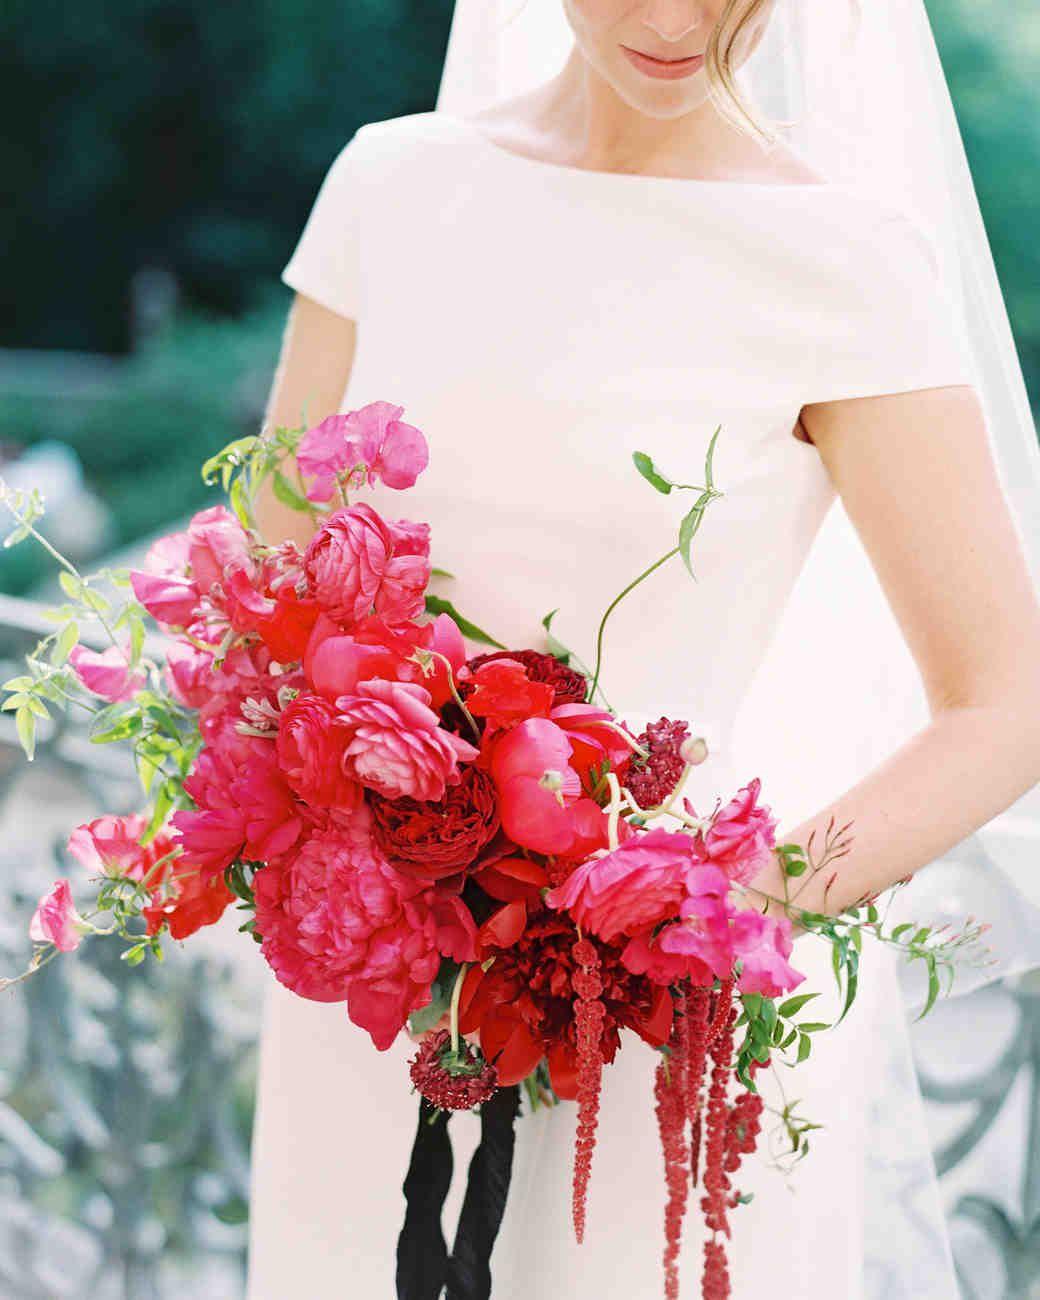 52 Ideas for Your Spring Wedding Bouquet | Martha stewart weddings ...